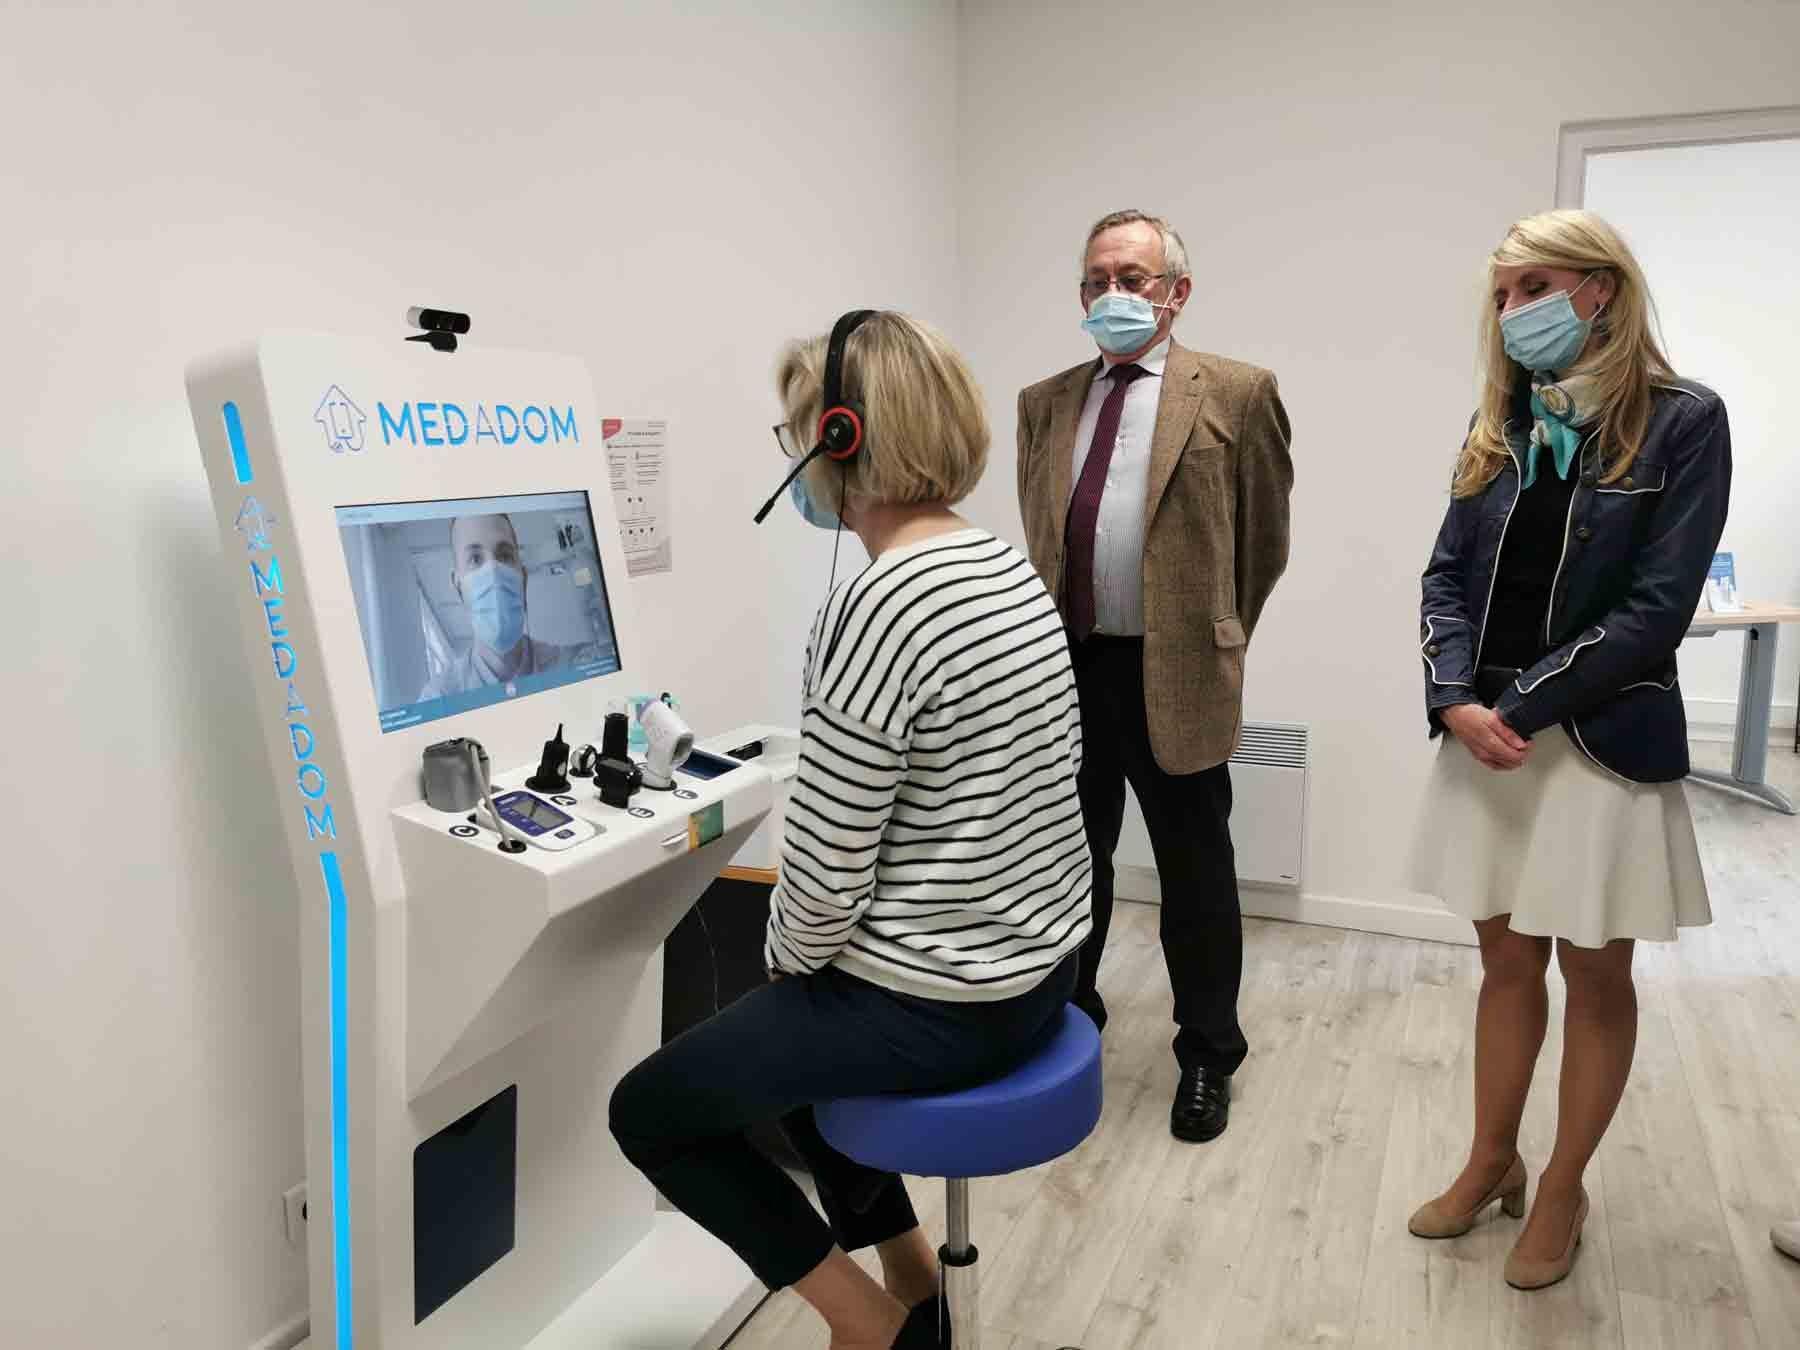 Une borne connectée MEDADOM a trouvé place à Reuilly (36) pour compléter l'offre médicale.